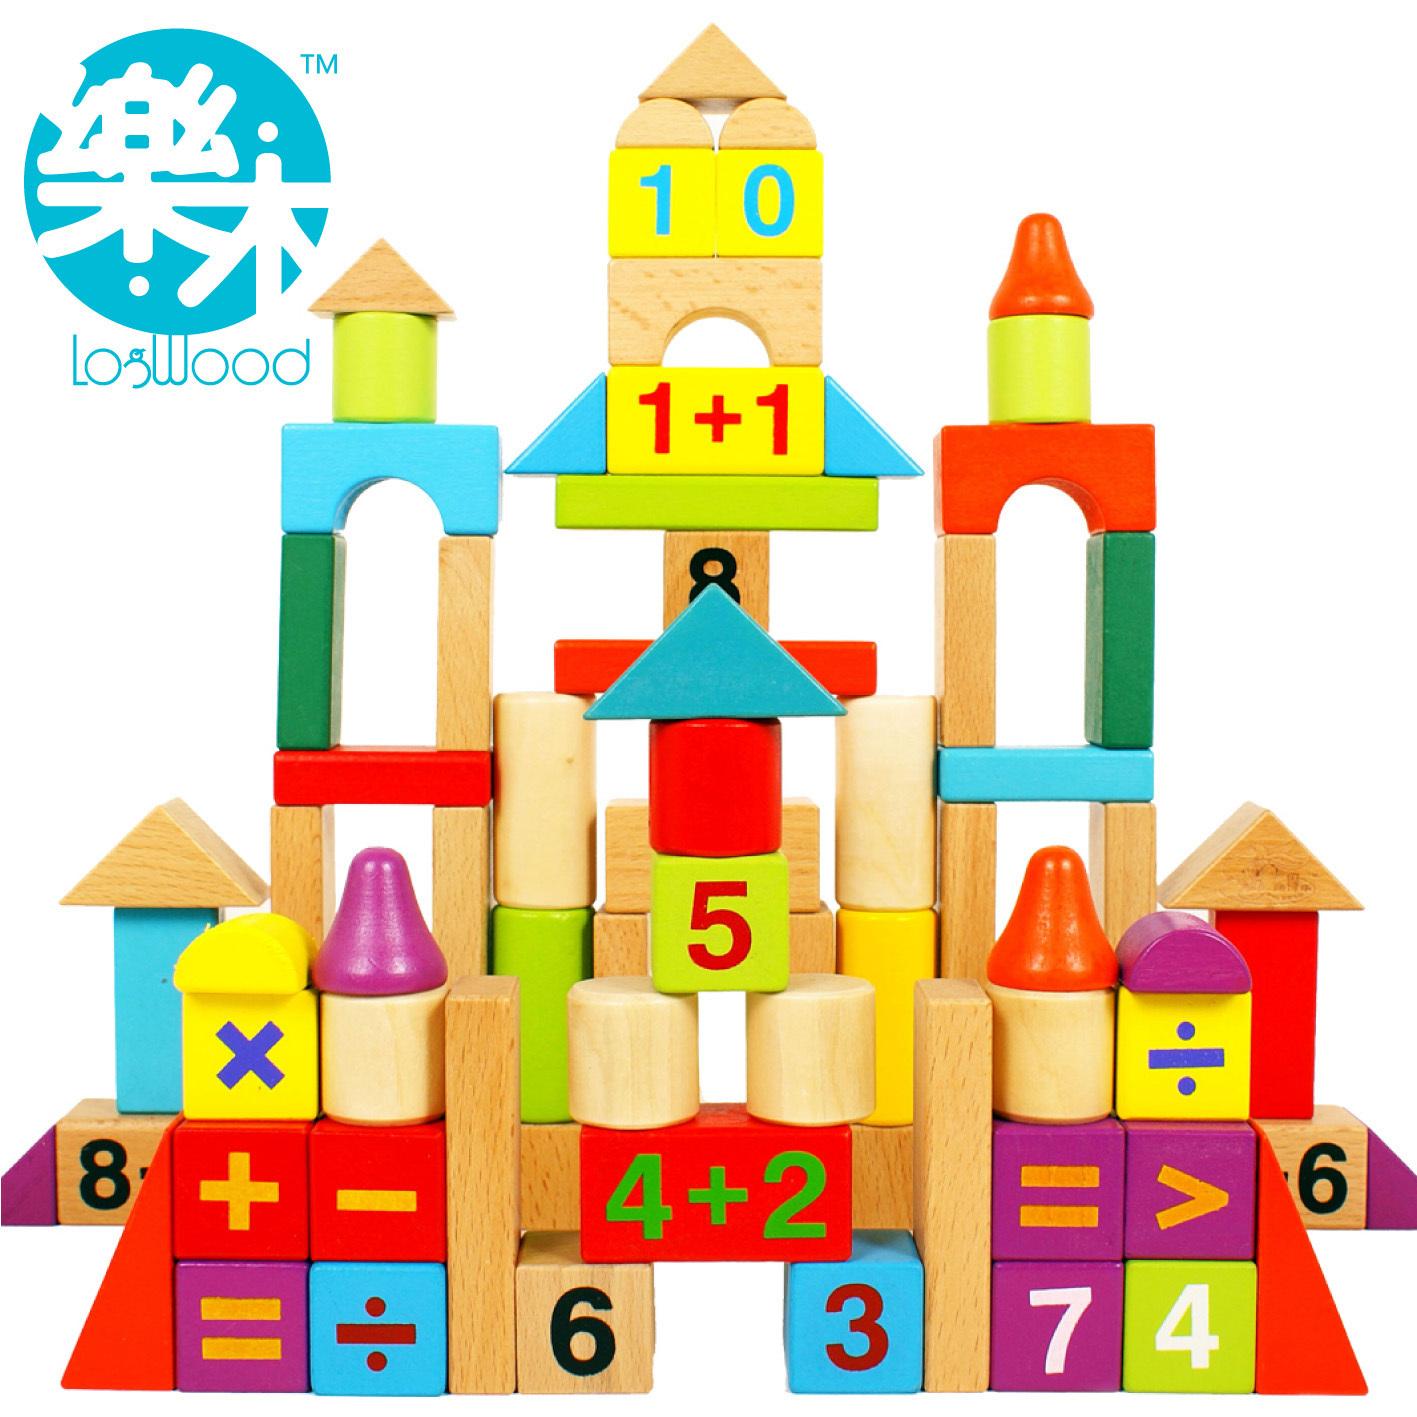 包邮【质检安全积木】乐木儿童益智玩具80粒榉木婴儿大块积木木制